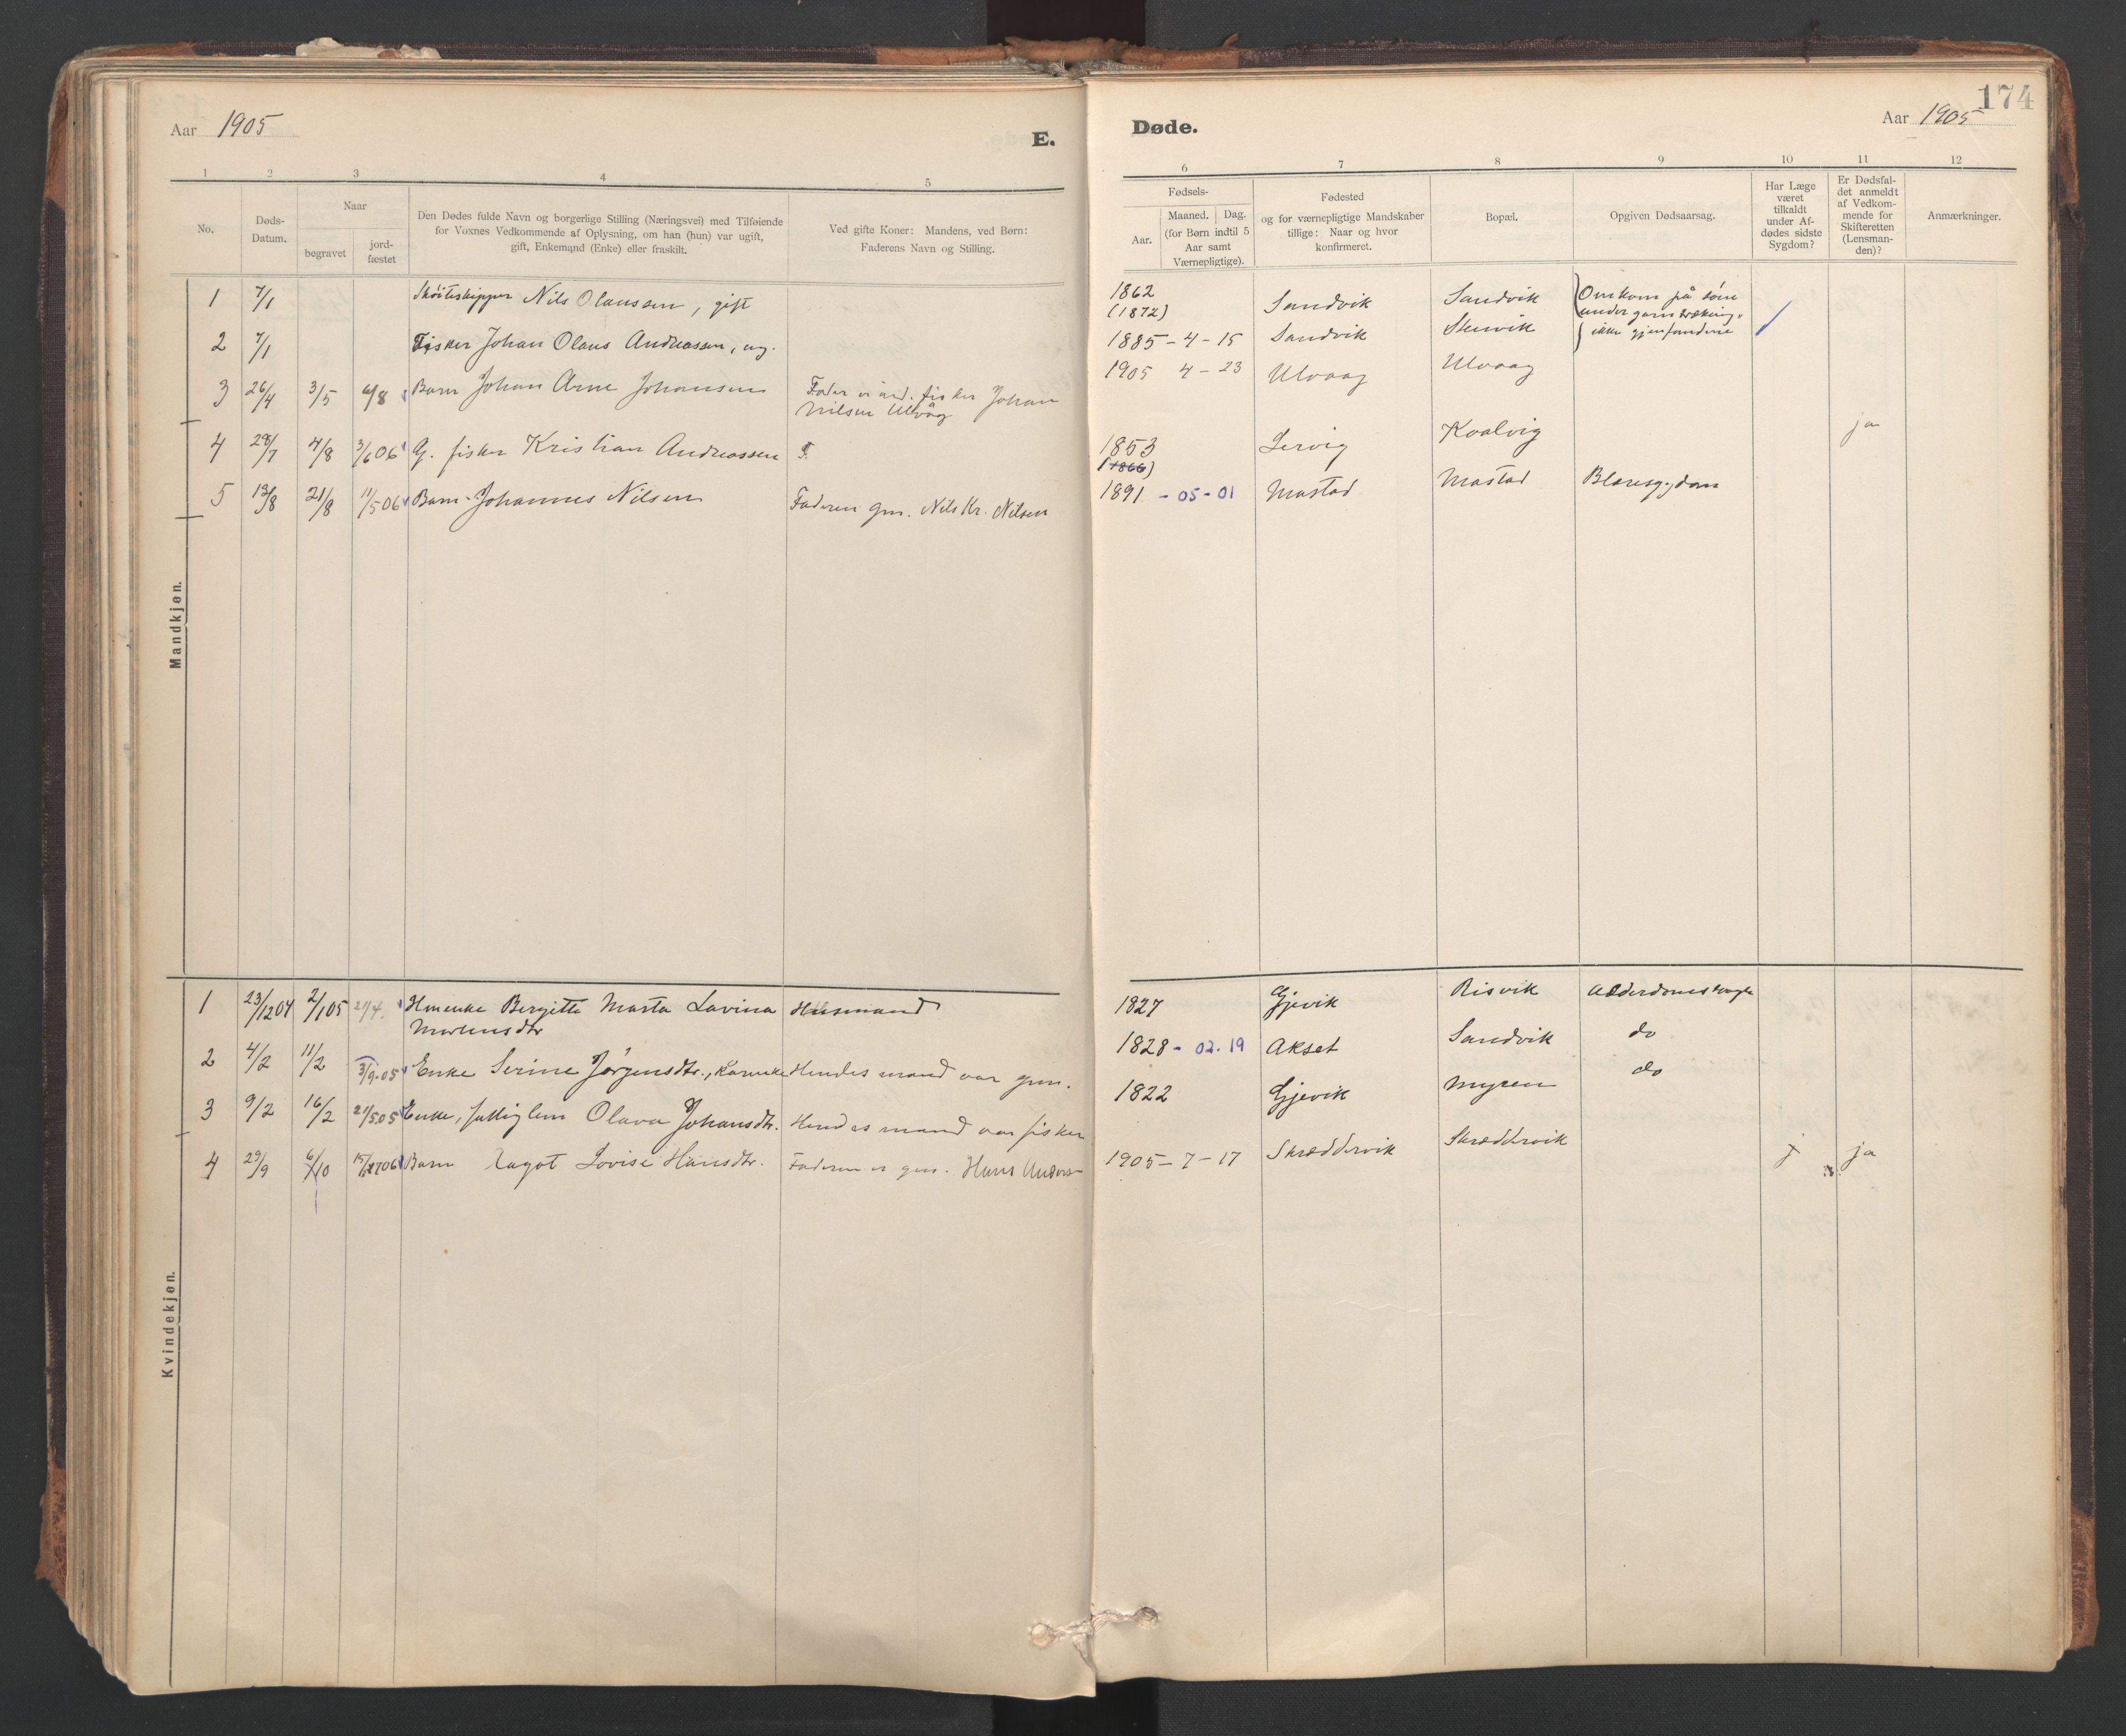 SAT, Ministerialprotokoller, klokkerbøker og fødselsregistre - Sør-Trøndelag, 637/L0559: Ministerialbok nr. 637A02, 1899-1923, s. 174